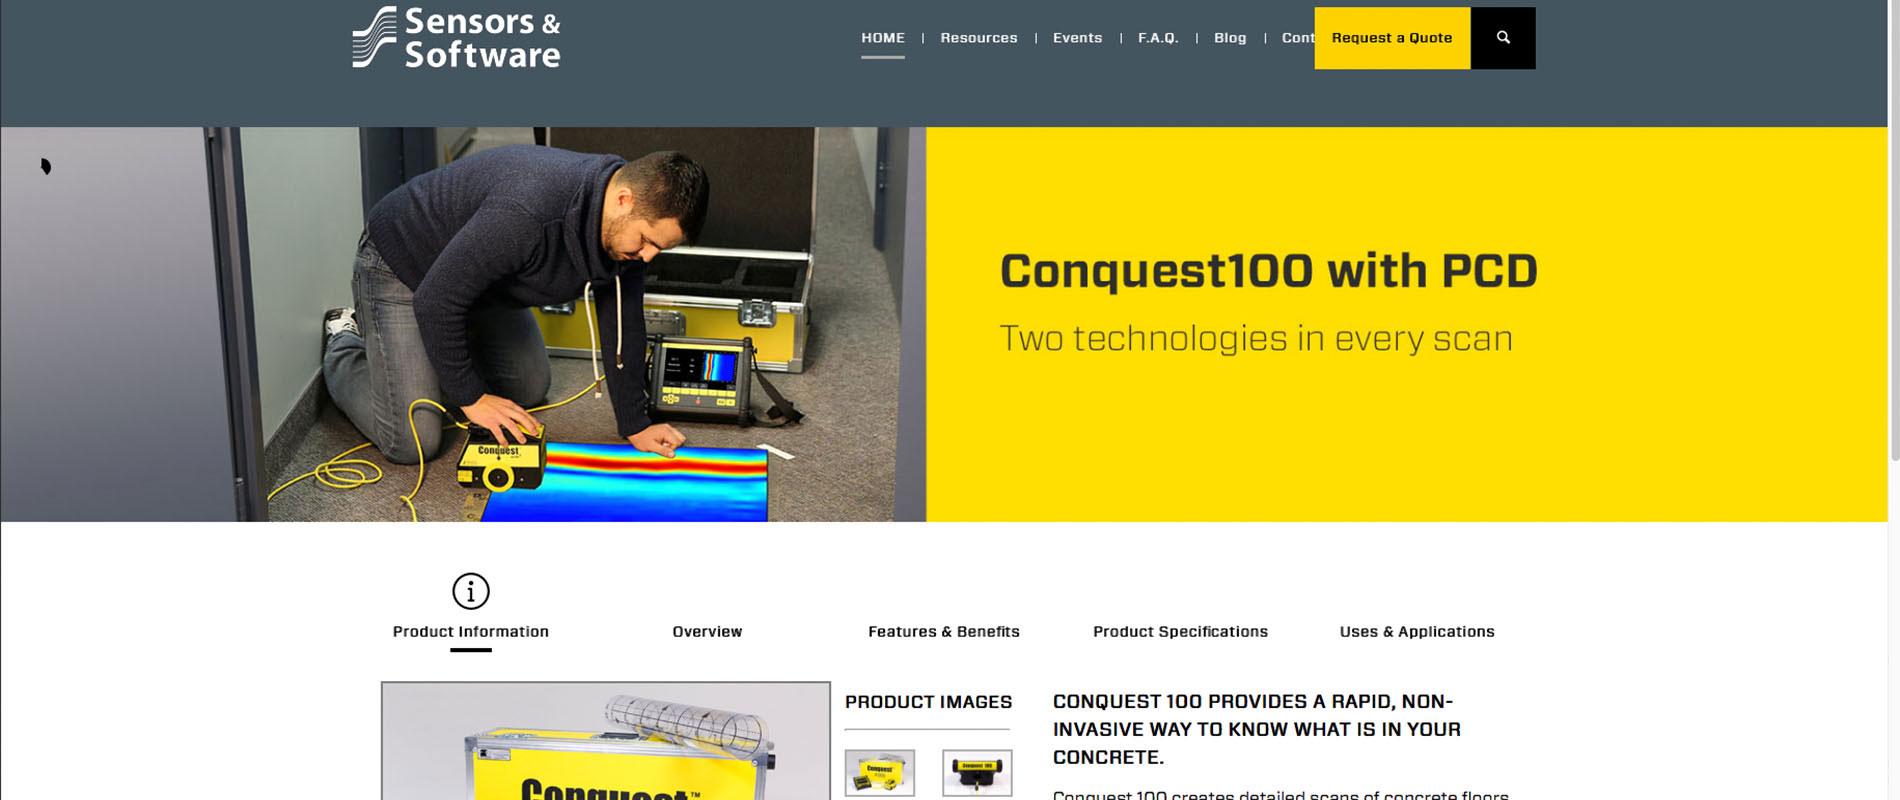 Conquest 100